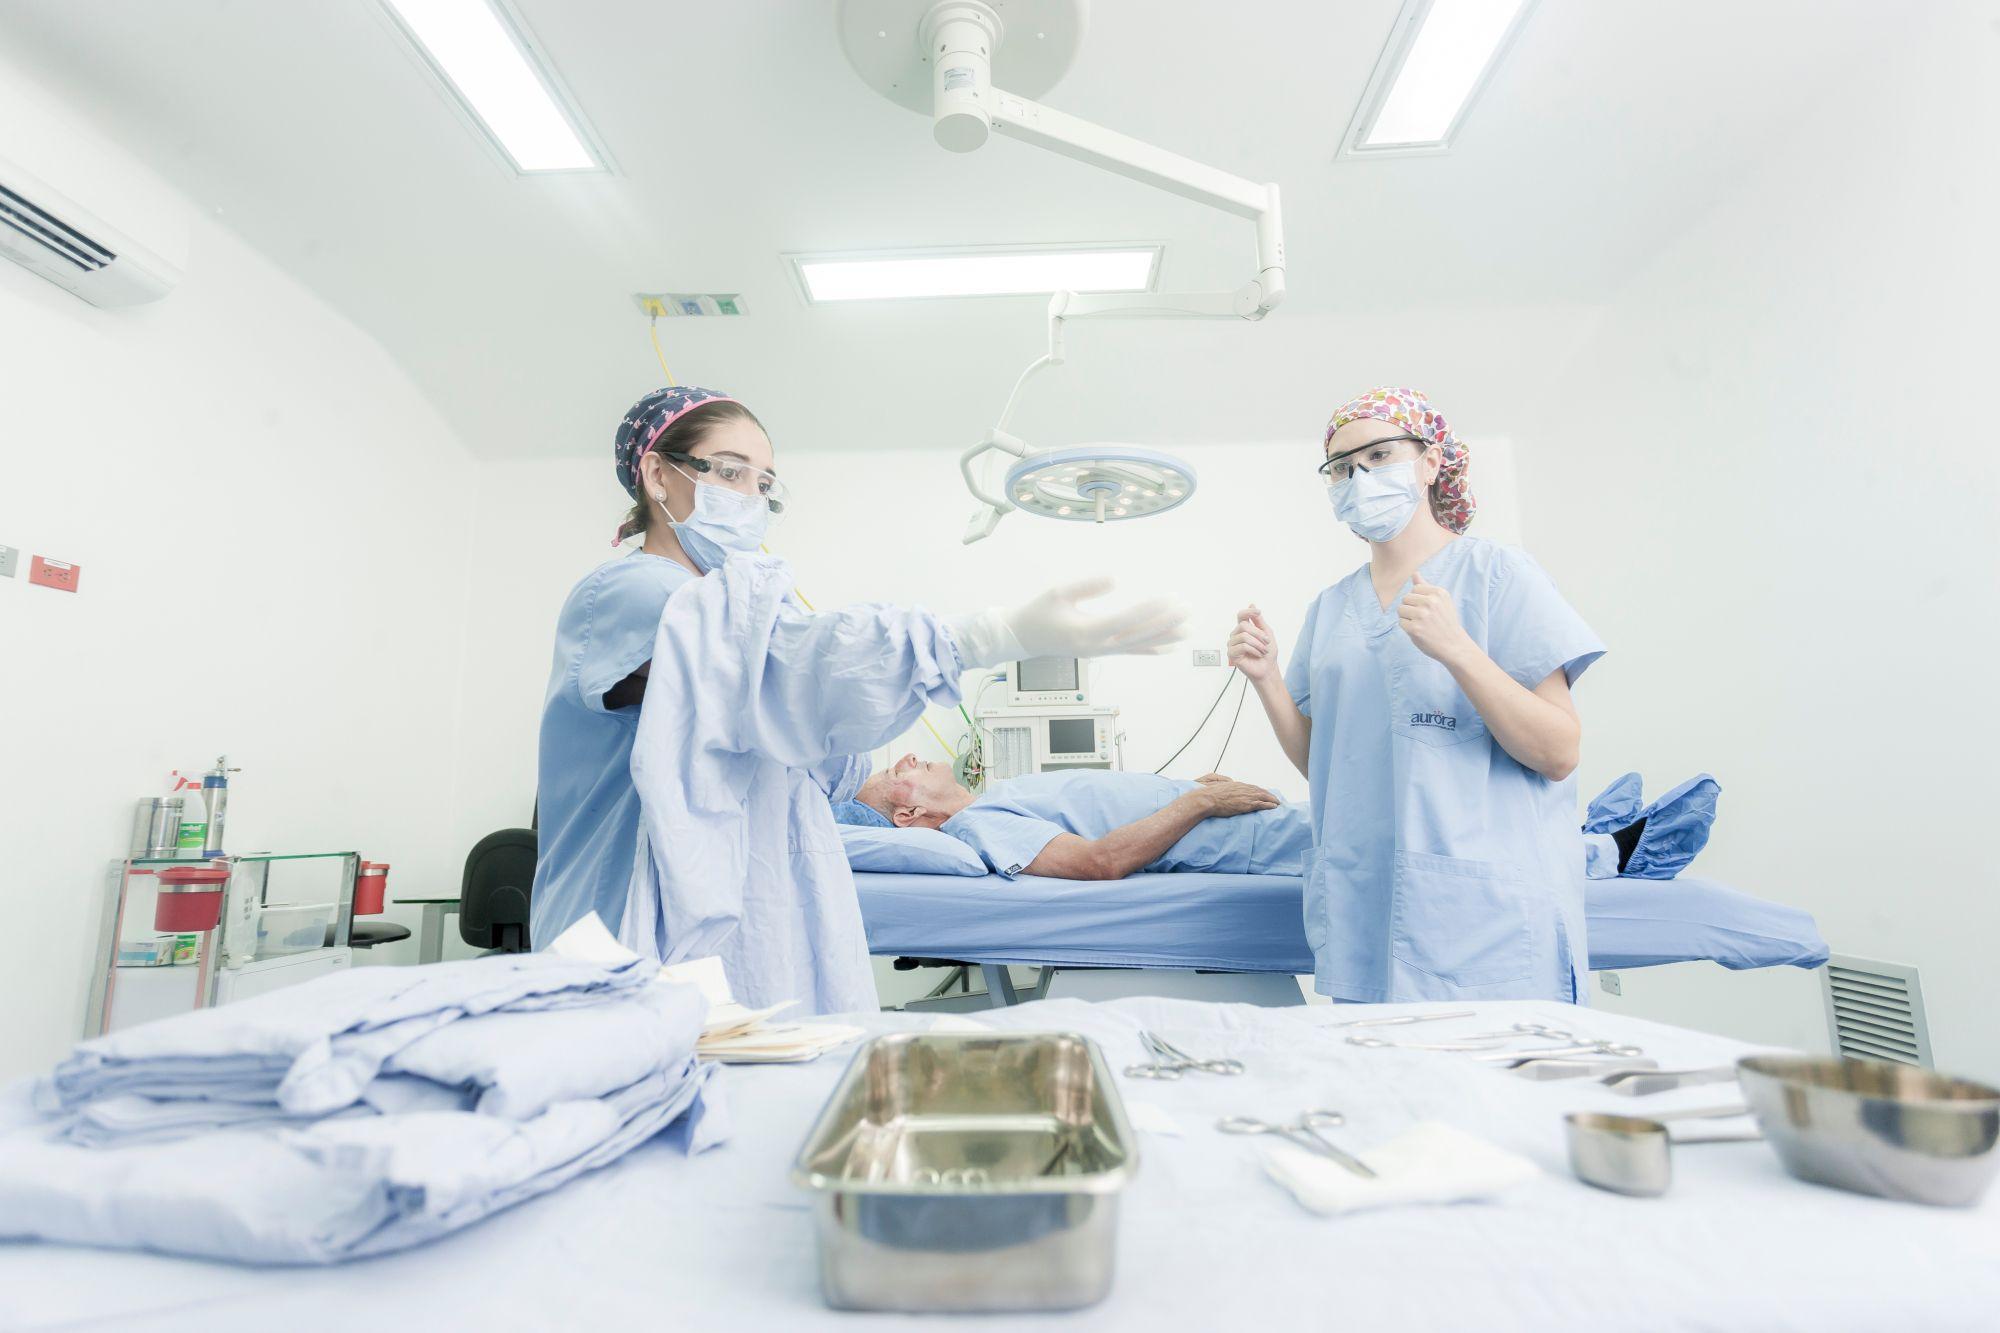 Unidad de Cirugía Dermatológica - Cirugía de Mohs -